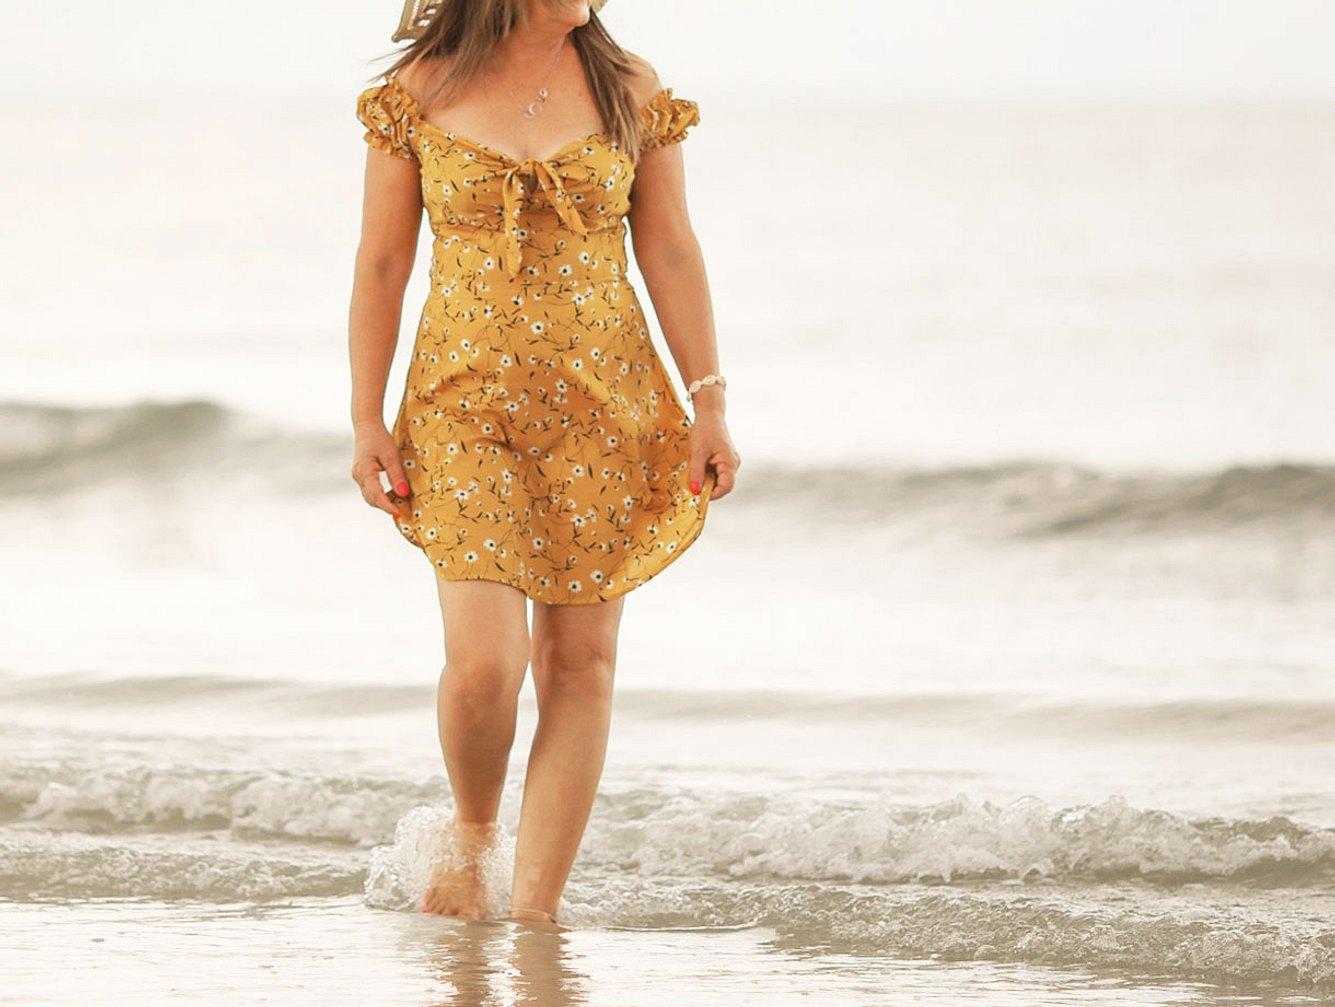 Strandkleider in Großen Größen: Model am Strand